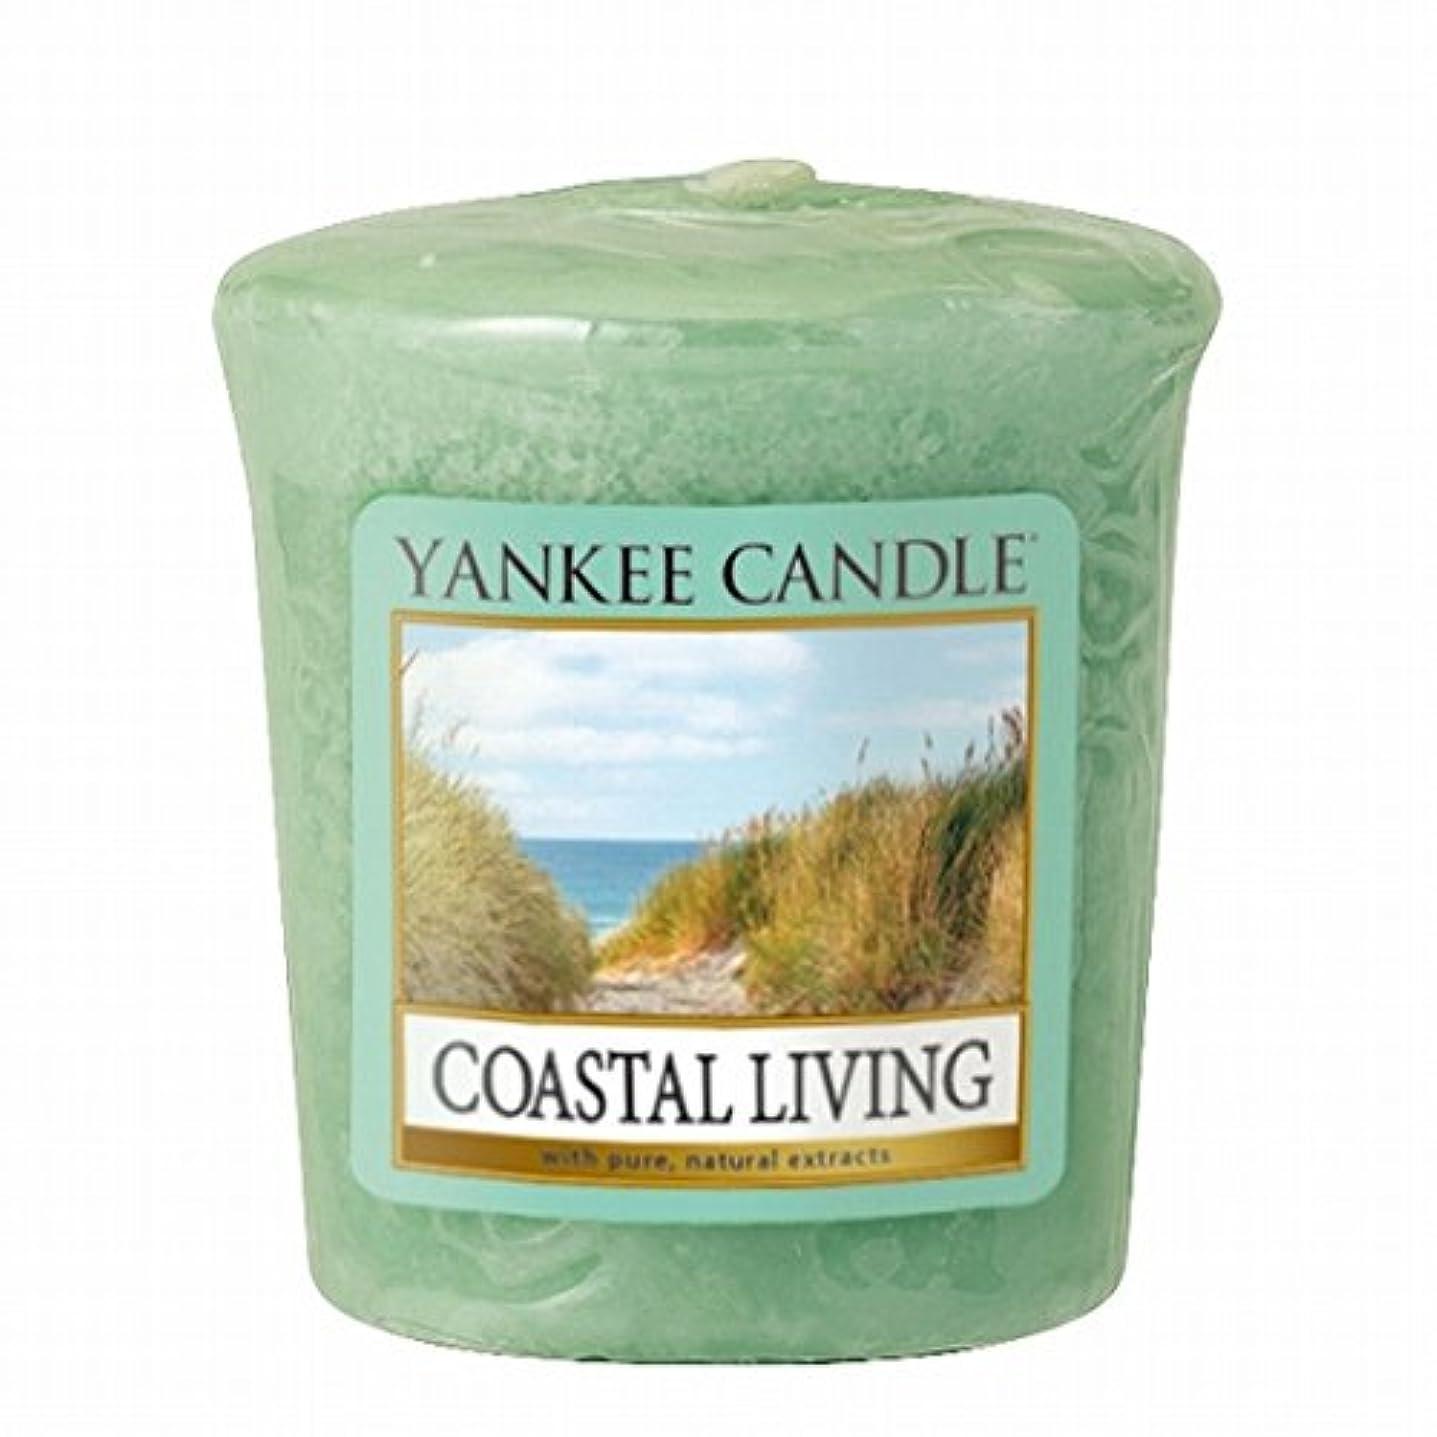 裏切り汚染定規YANKEE CANDLE(ヤンキーキャンドル) YANKEE CANDLE サンプラー 「コースタルリビング」6個セット(K00105292)